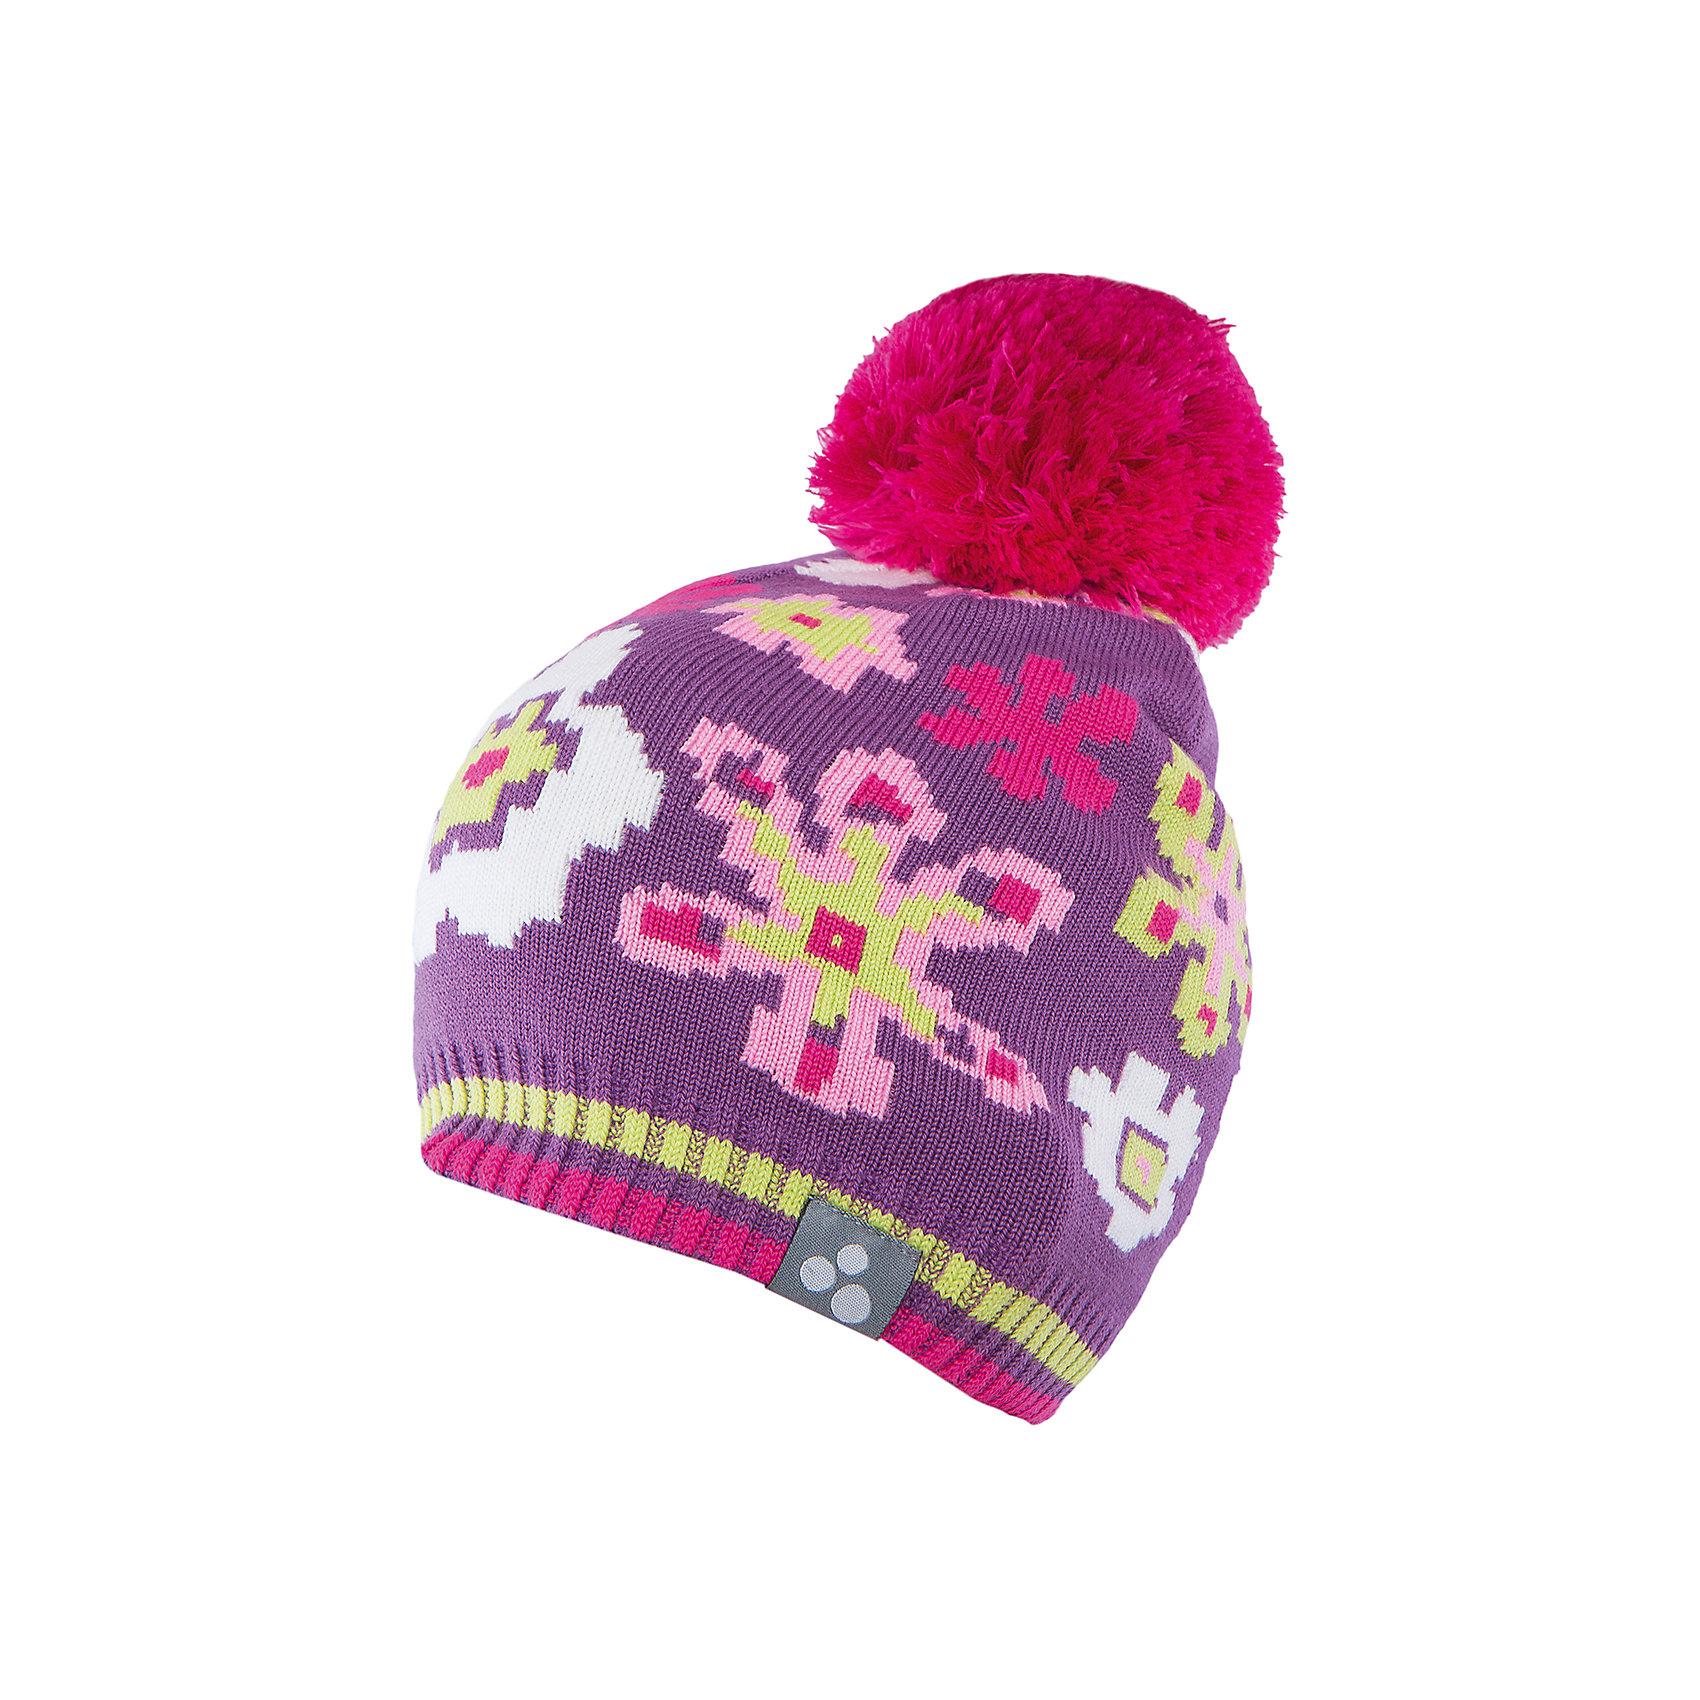 Шапка для девочки HuppaЗимние<br>Яркая вязаная шапка Huppa Floral изготовлена из шерсти мериноса и акрила и способна согреть даже при сильном морозе. Шапка украшена ярким цветочным орнаментом, помпоном. Снизу вы найдете светоотражательные элементы. Превосходный выбор для юных модниц и модников!<br><br>Дополнительная информация:<br>Цвет: лиловая<br>Материал: 50% шерсть мериноса, 50% акрил<br><br>Шапку Huppa Floral можно приобрести в нашем интернет-магазине.<br><br>Ширина мм: 89<br>Глубина мм: 117<br>Высота мм: 44<br>Вес г: 155<br>Цвет: фиолетовый<br>Возраст от месяцев: 132<br>Возраст до месяцев: 144<br>Пол: Женский<br>Возраст: Детский<br>Размер: 57,55-57,51-53,47-49<br>SKU: 4923575